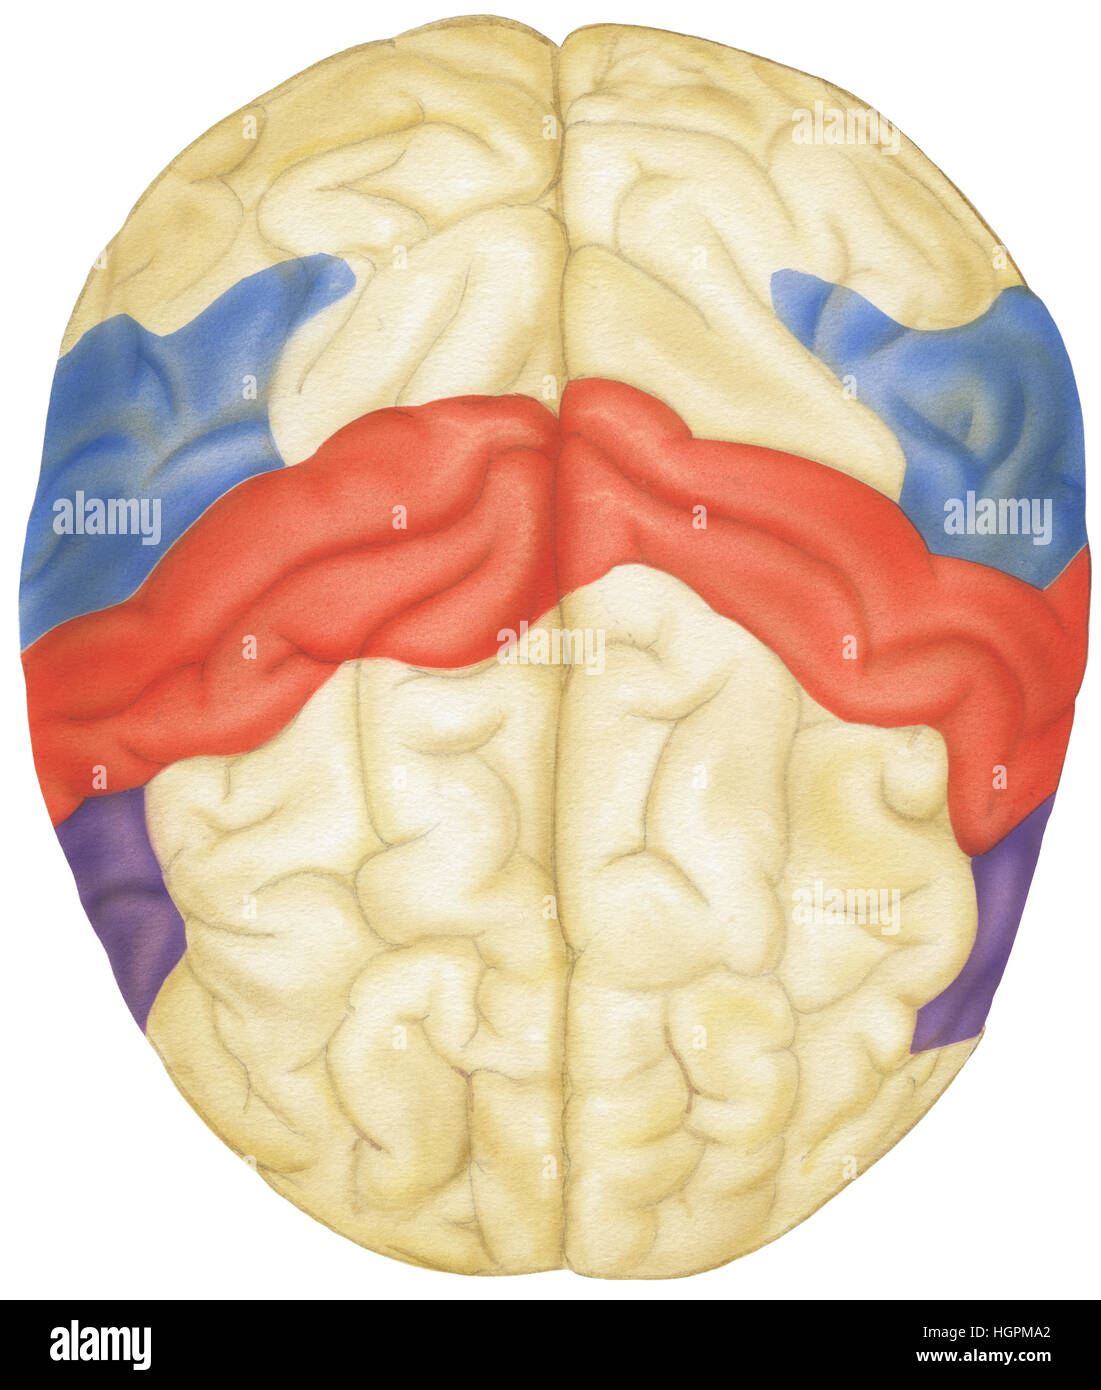 Draufsicht des menschlichen Gehirns. Gezeigt werden die Parietal ...